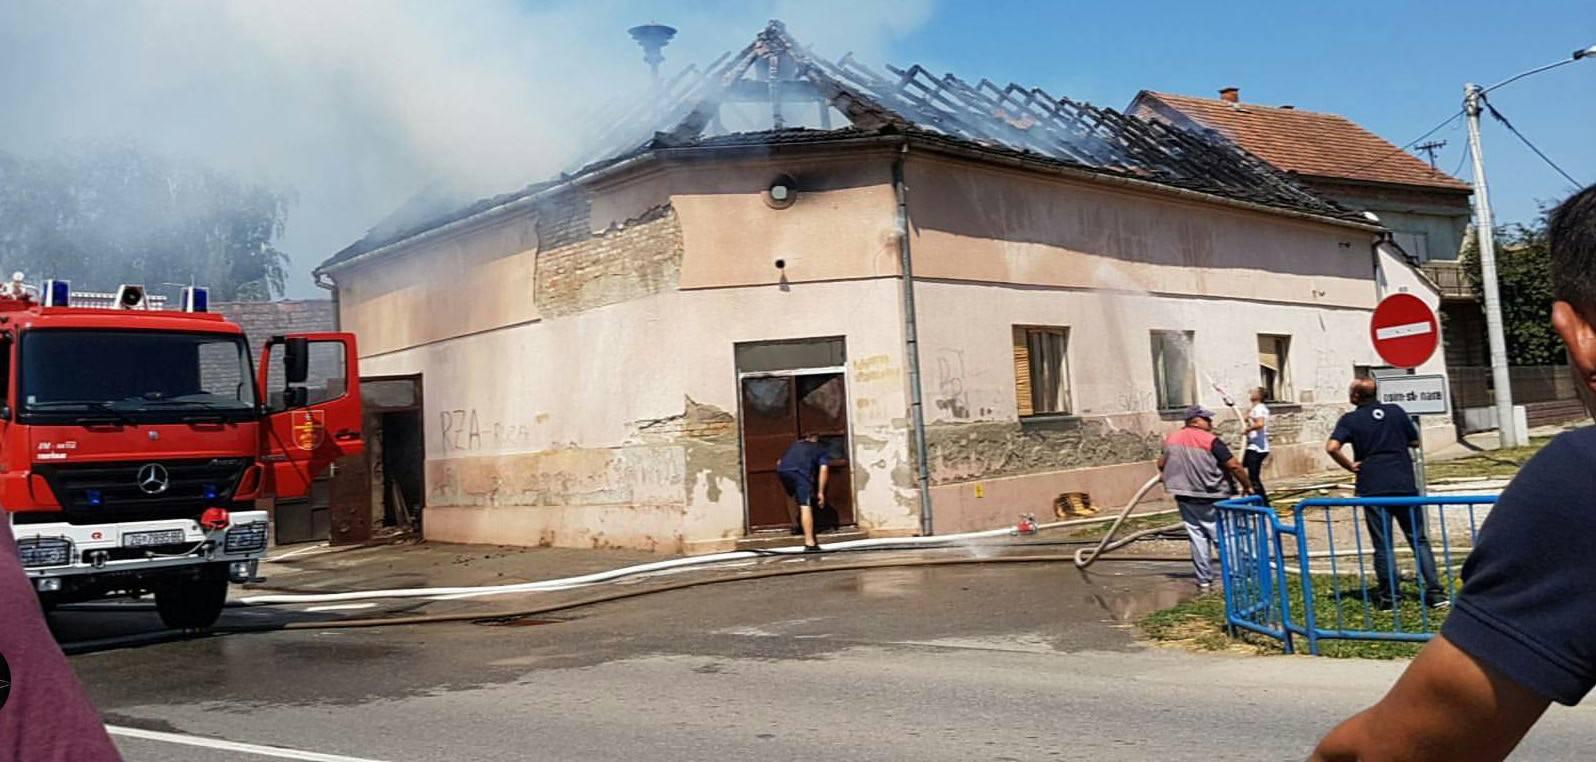 Gori vatrogasni dom, u gašenju vatrogascima pomažu mještani